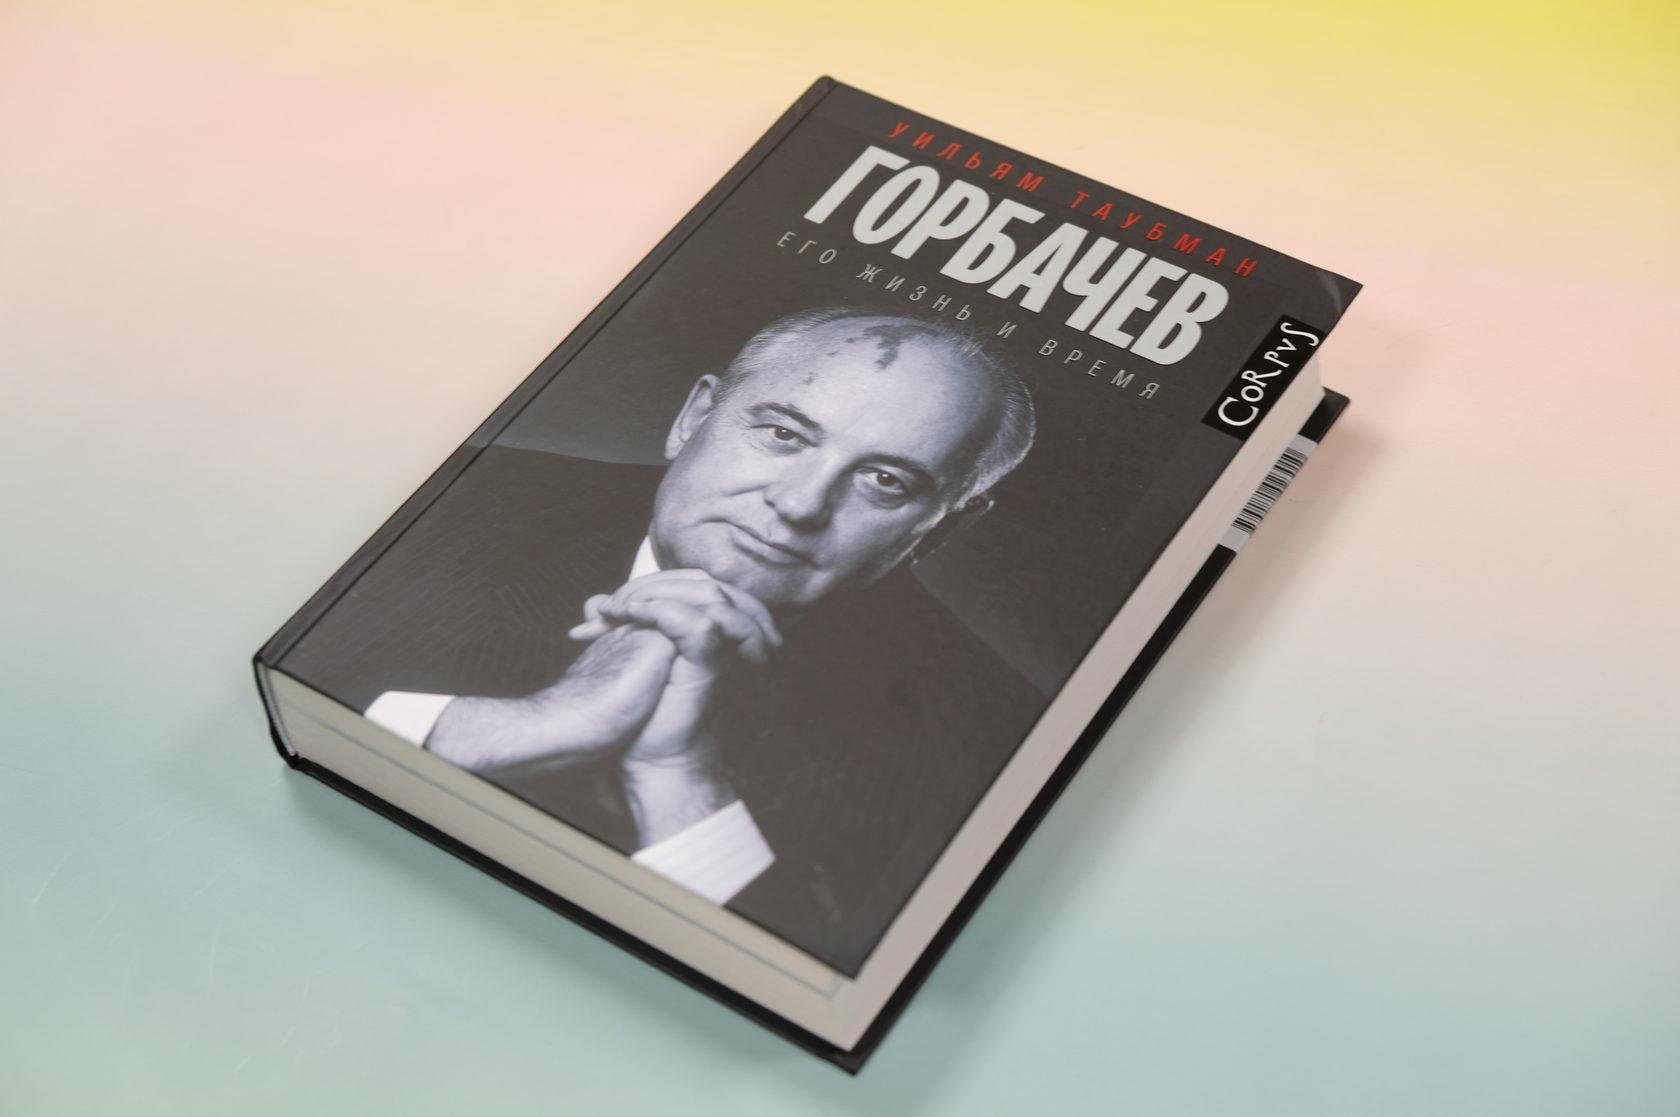 Уильям Таубман «Горбачев. Его жизнь и время»  (978-5-17-102301-0)